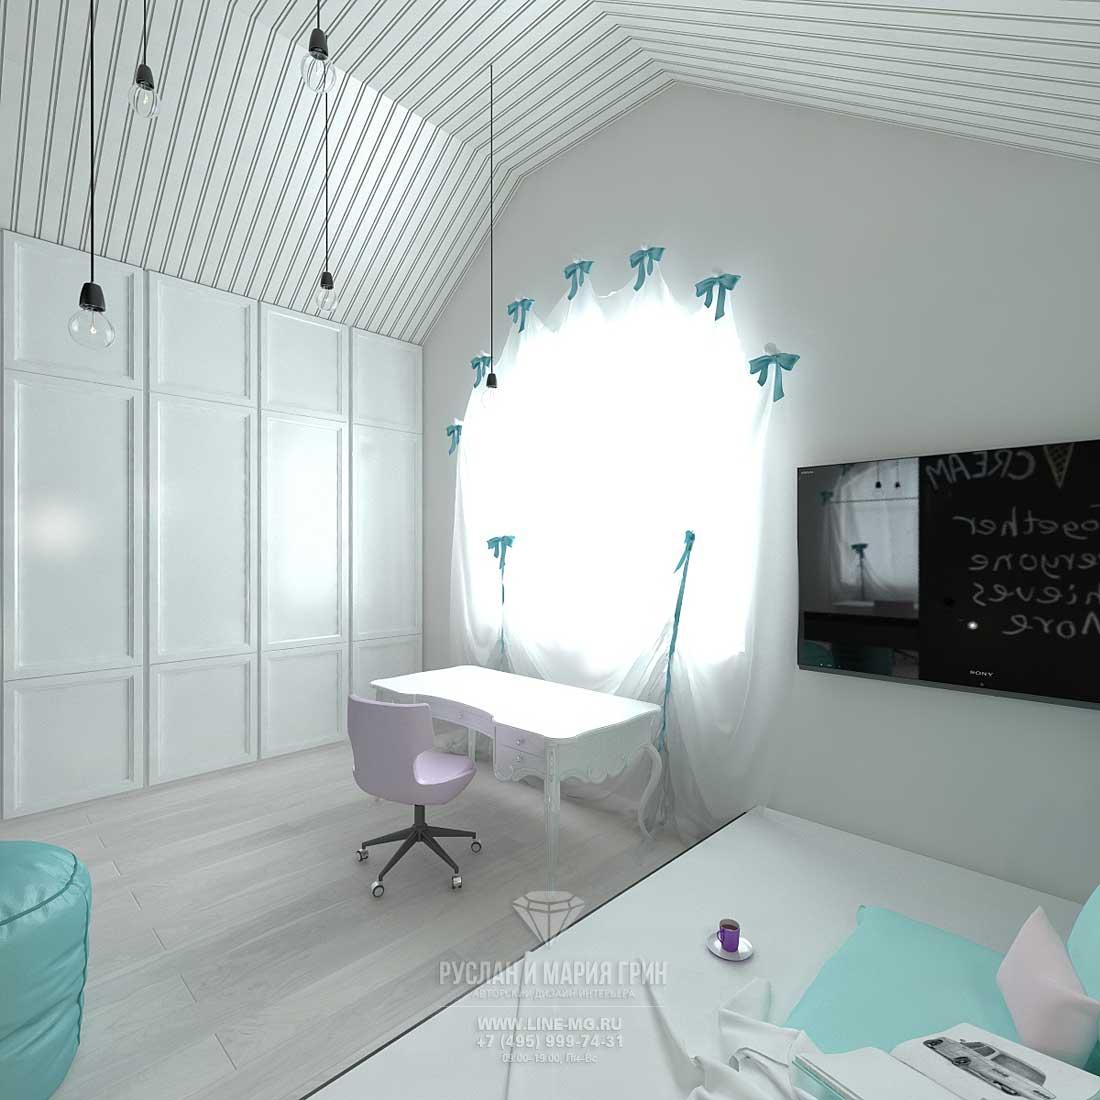 Дизайн гостевой детской комнаты для девочки. Фото интерьеров частного дома